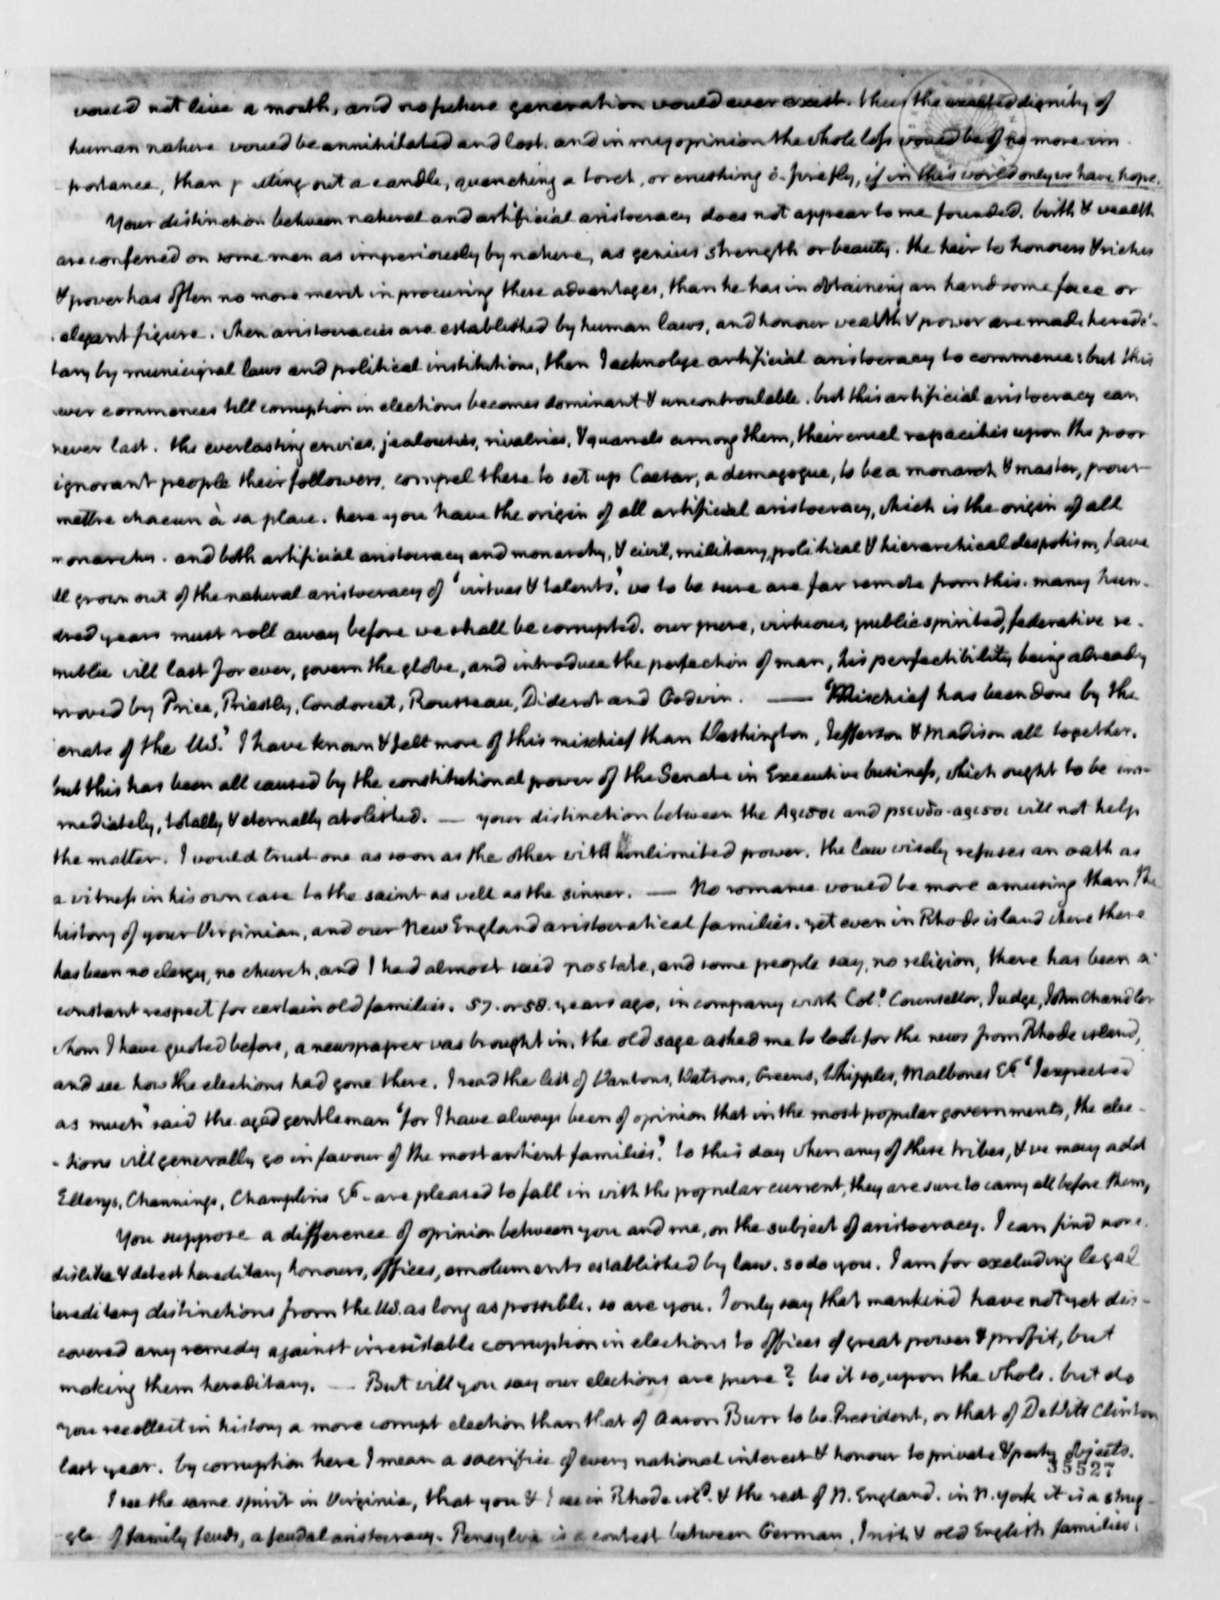 John Adams to Thomas Jefferson, November 15, 1813, Thomas Jefferson Copy